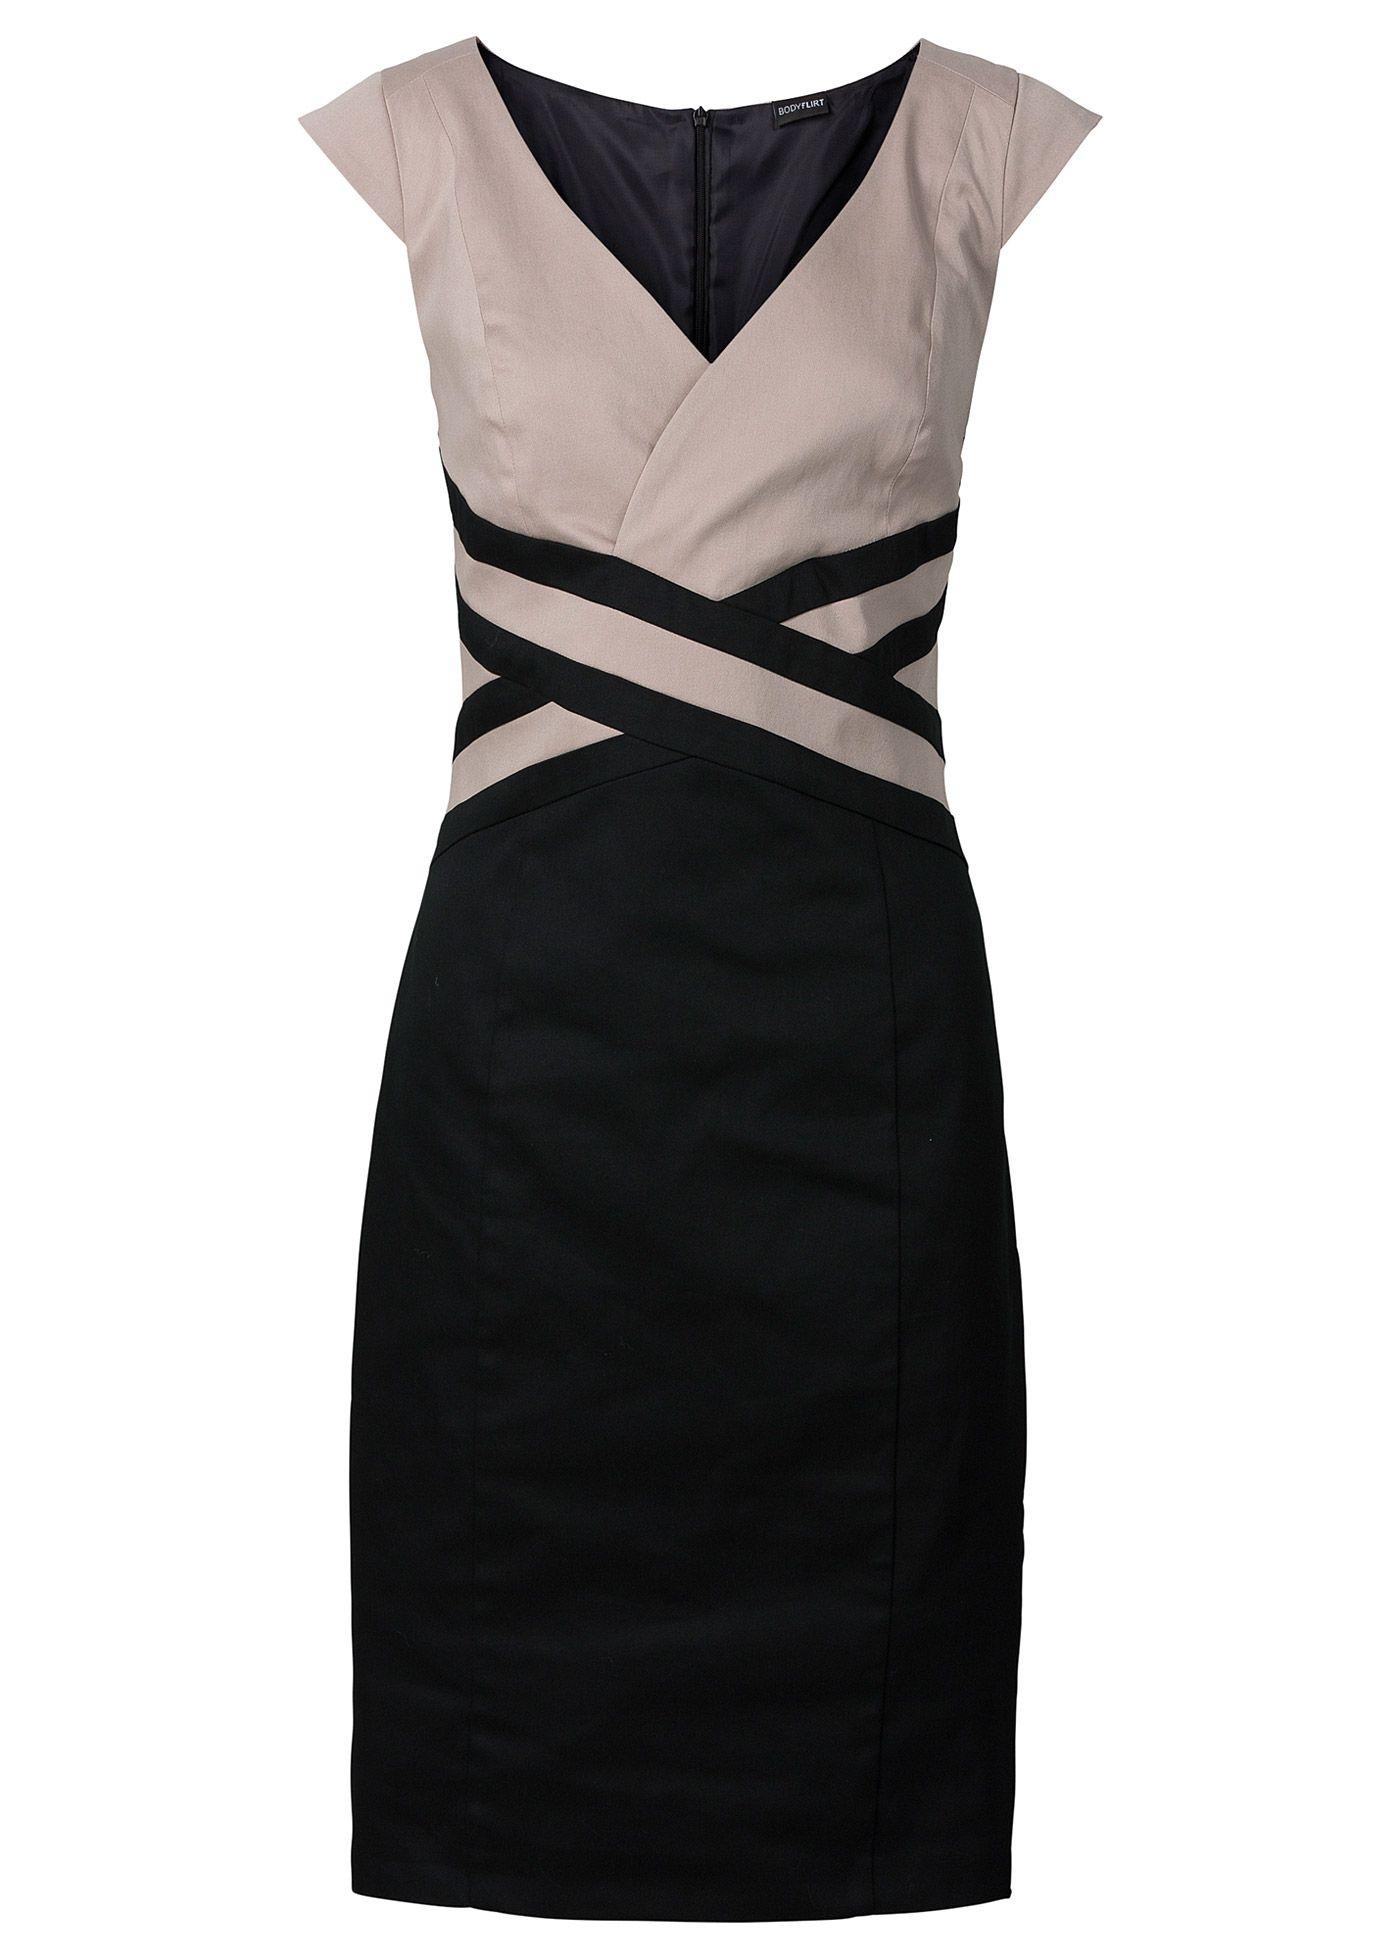 0f8ce2049 Vestido tubinho preto/cinza escuro encomendar agora na loja on-line bonprix.de  R$ 149,00 a partir de Ele é um charme! Vestido tubinho sem mangas.